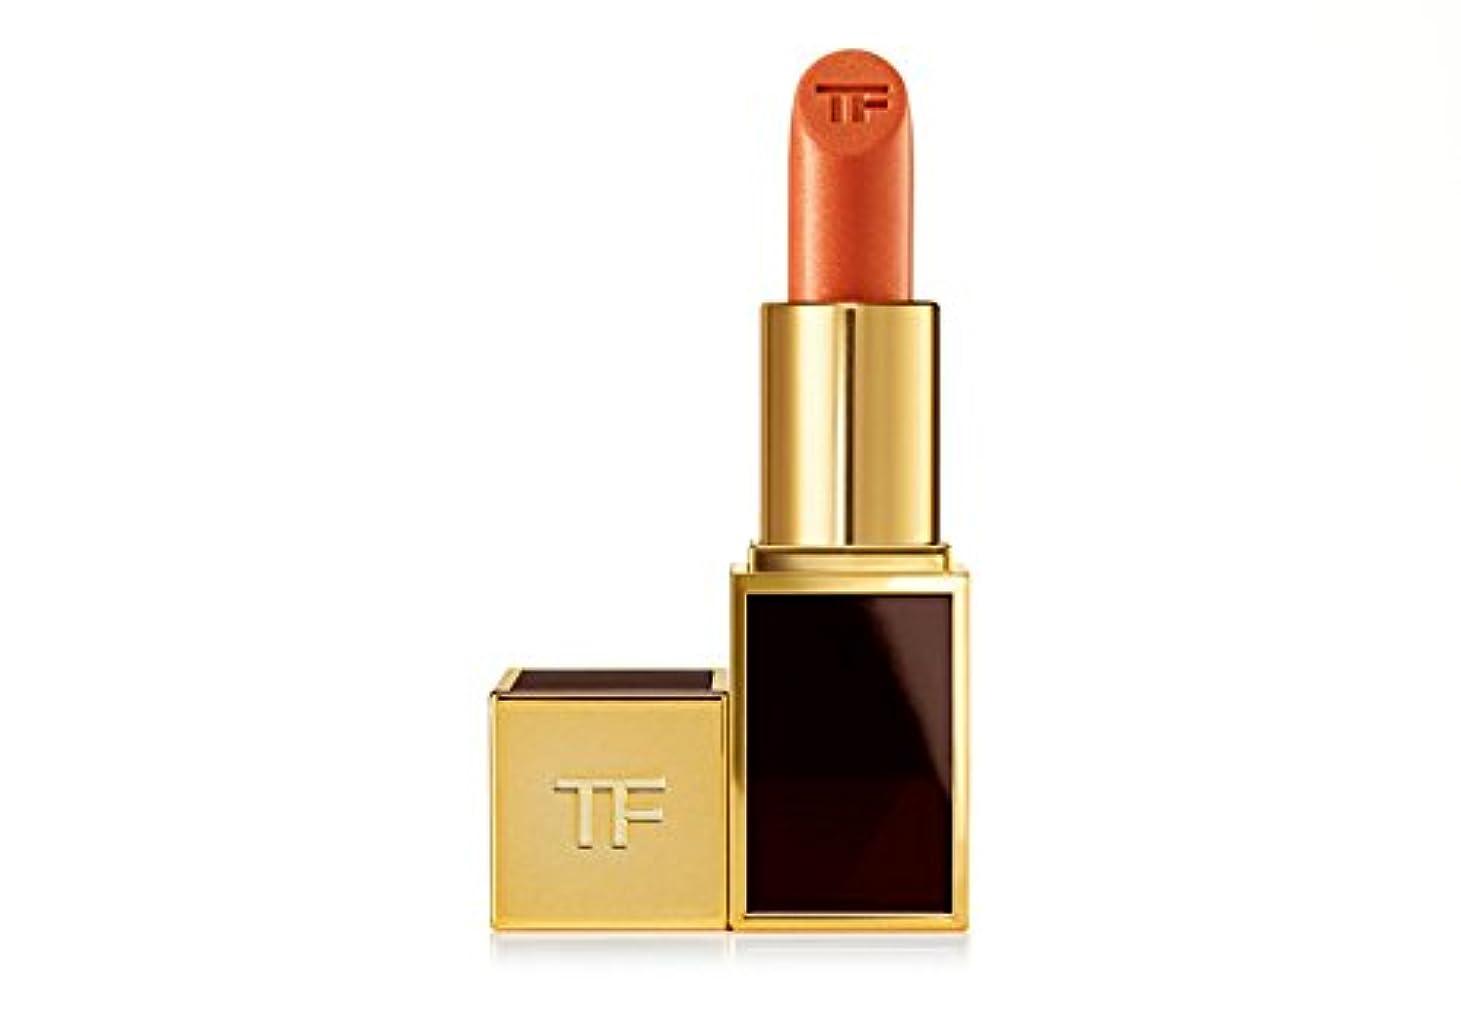 薬用たっぷり大胆トムフォード リップス アンド ボーイズ 7 コーラル リップカラー 口紅 Tom Ford Lipstick 7 CORALS Lip Color Lips and Boys (#64 Hiro ヒロ) [並行輸入品]